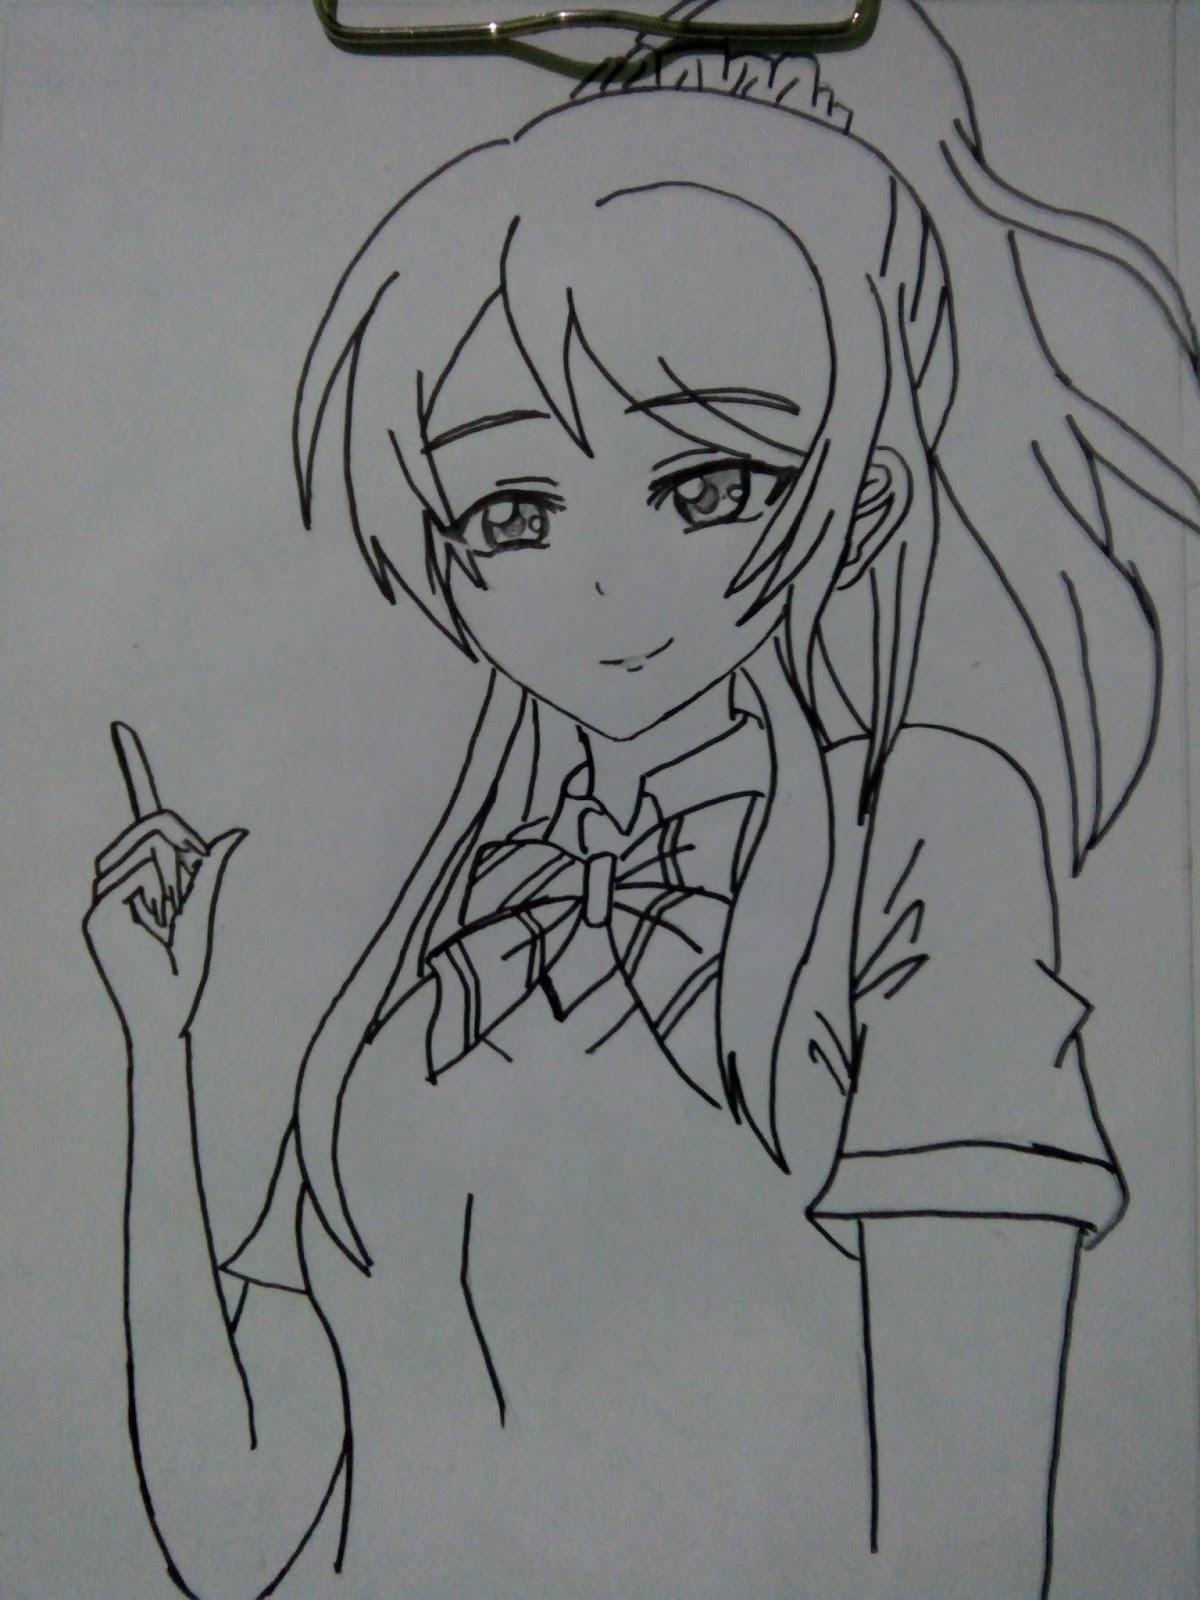 80 Gambar Anime Arsiran Pensil Terbaik